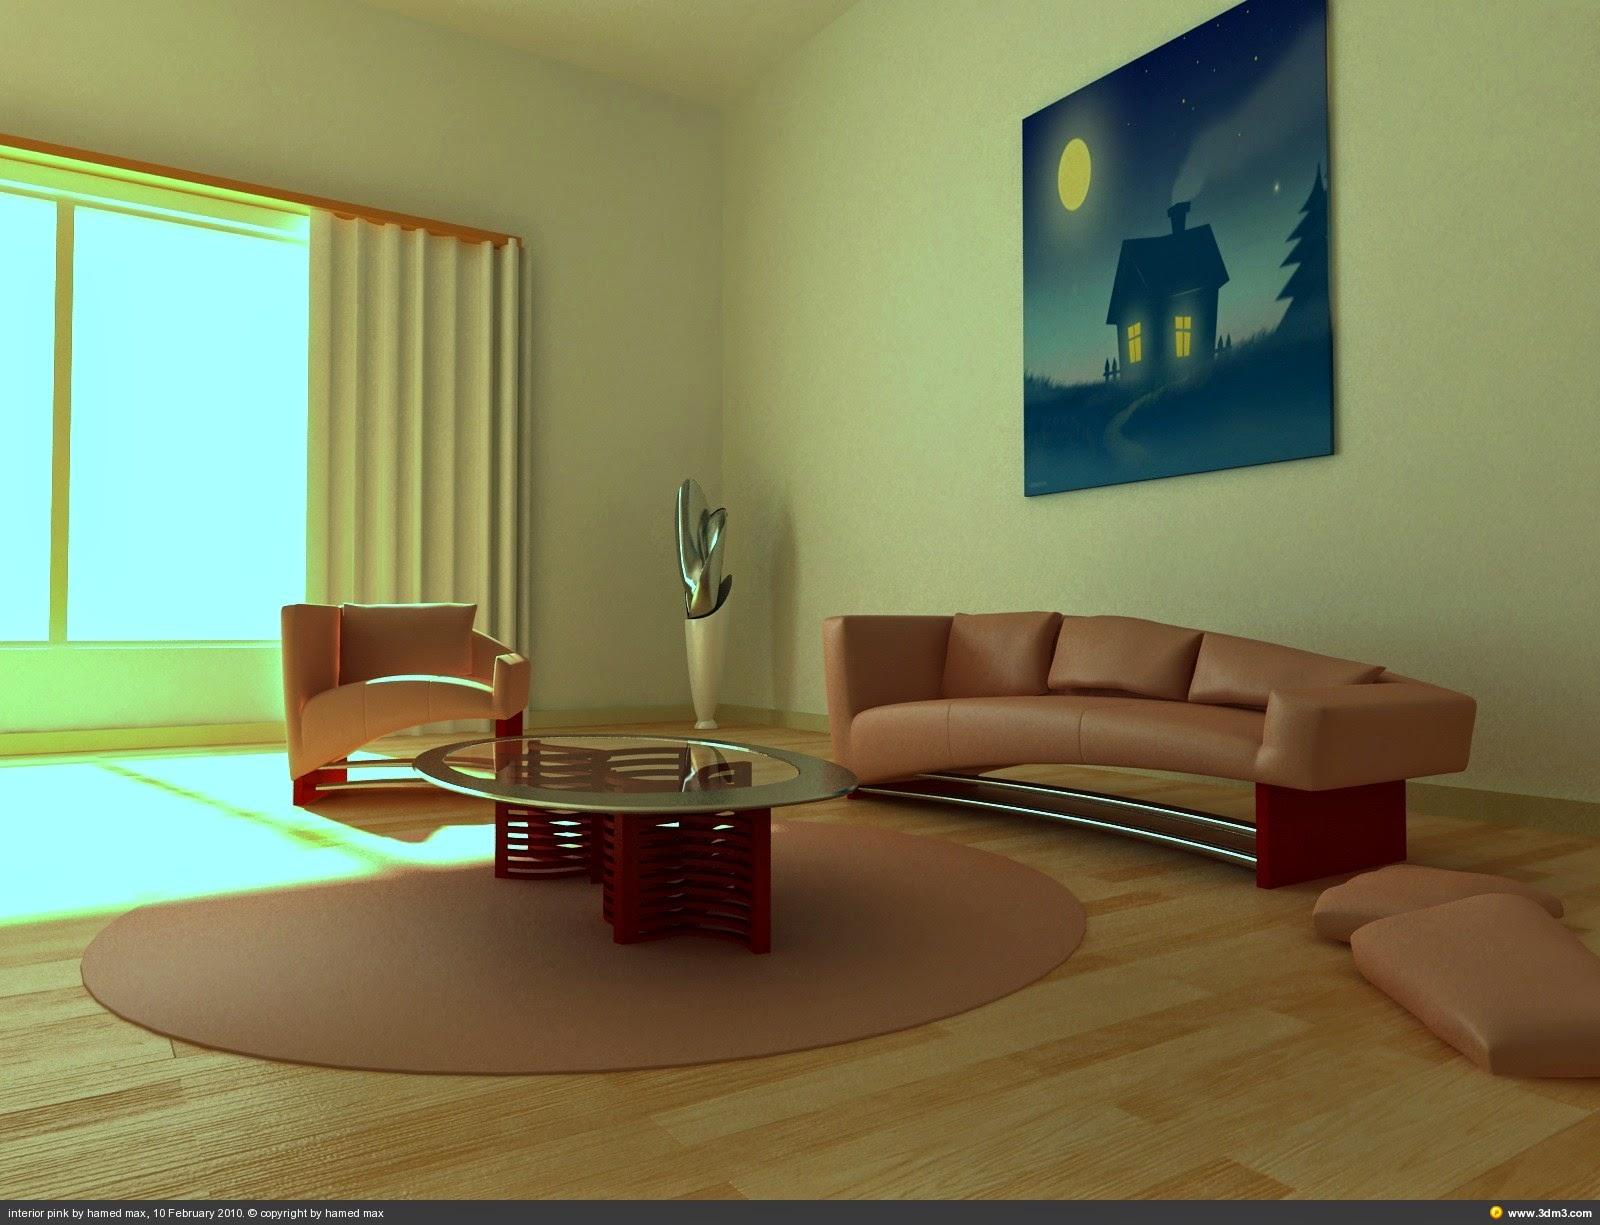 Merveilleux 3ds Max Interior Models.